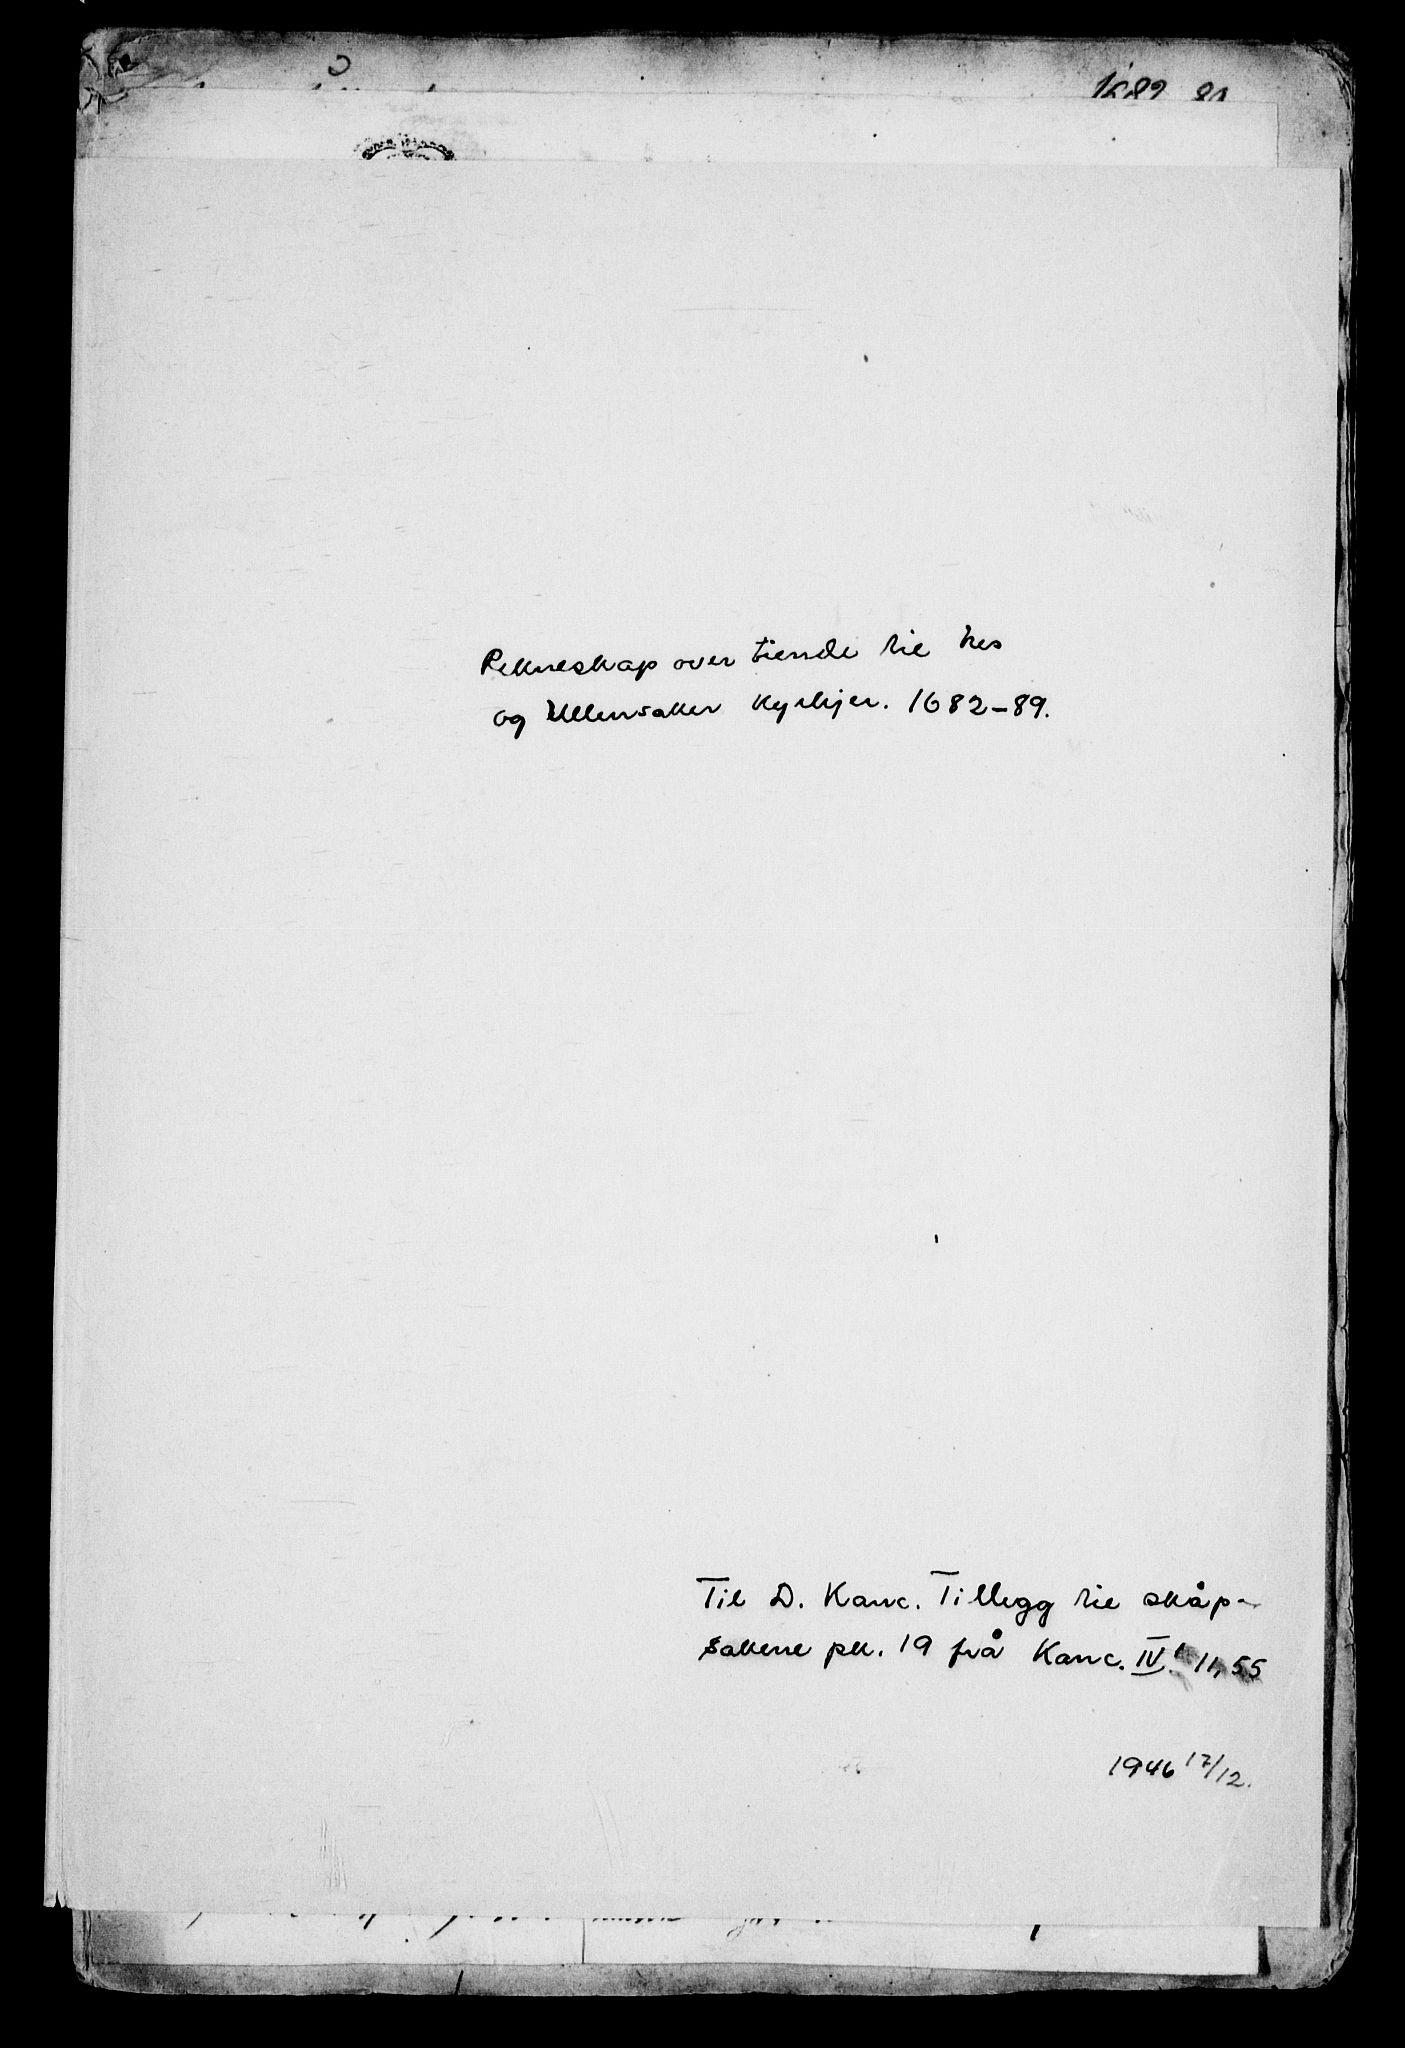 RA, Danske Kanselli, Skapsaker, G/L0019: Tillegg til skapsakene, 1616-1753, s. 242